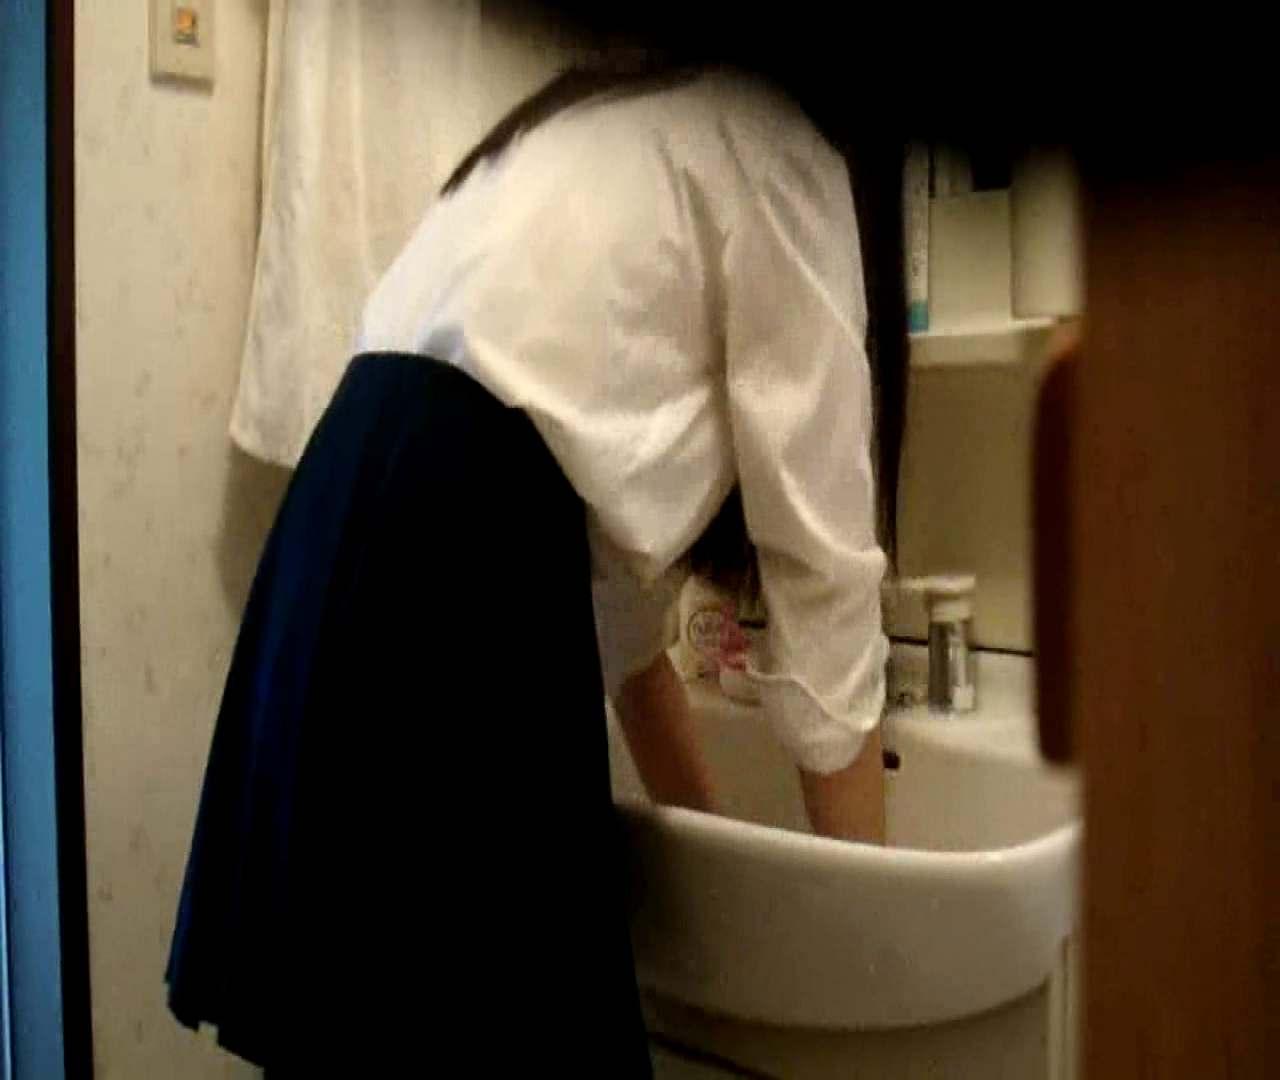 二人とも育てた甲斐がありました… vol.05 まどかが洗顔後にブラを洗濯 盗撮シリーズ | おまんこ見放題  79PIX 21